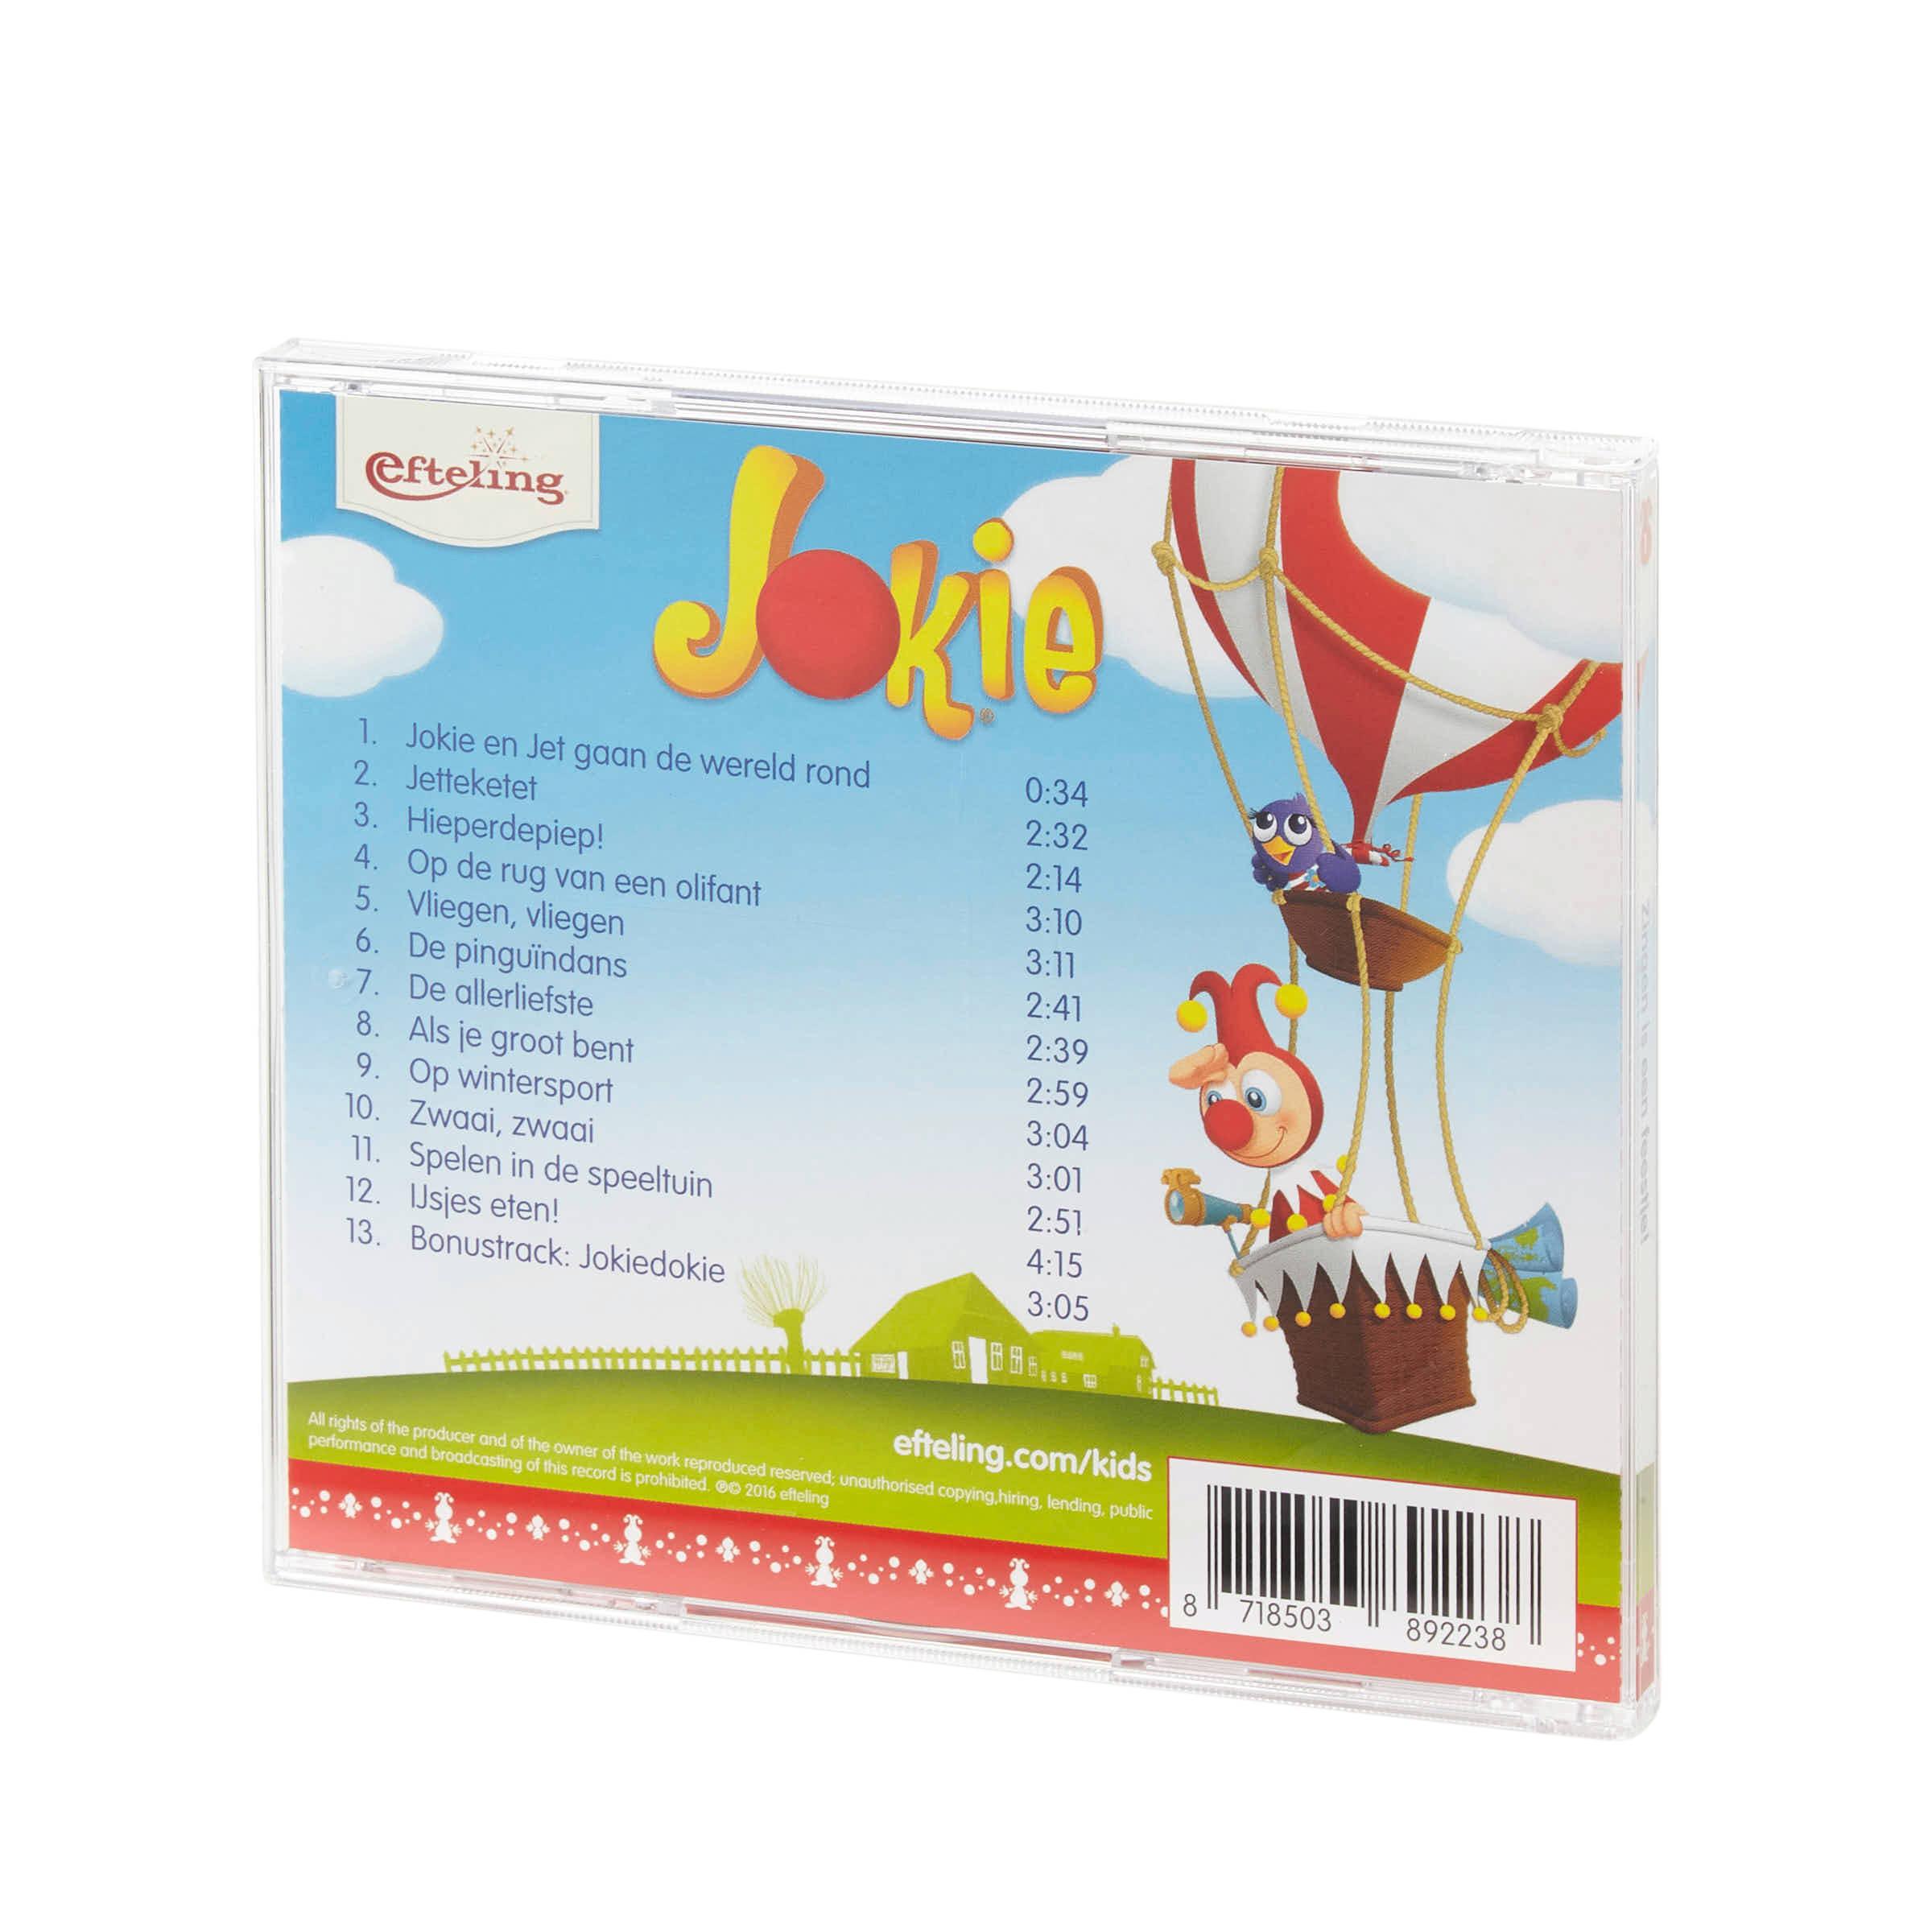 Efteling Jokie (CD) | wehkamp